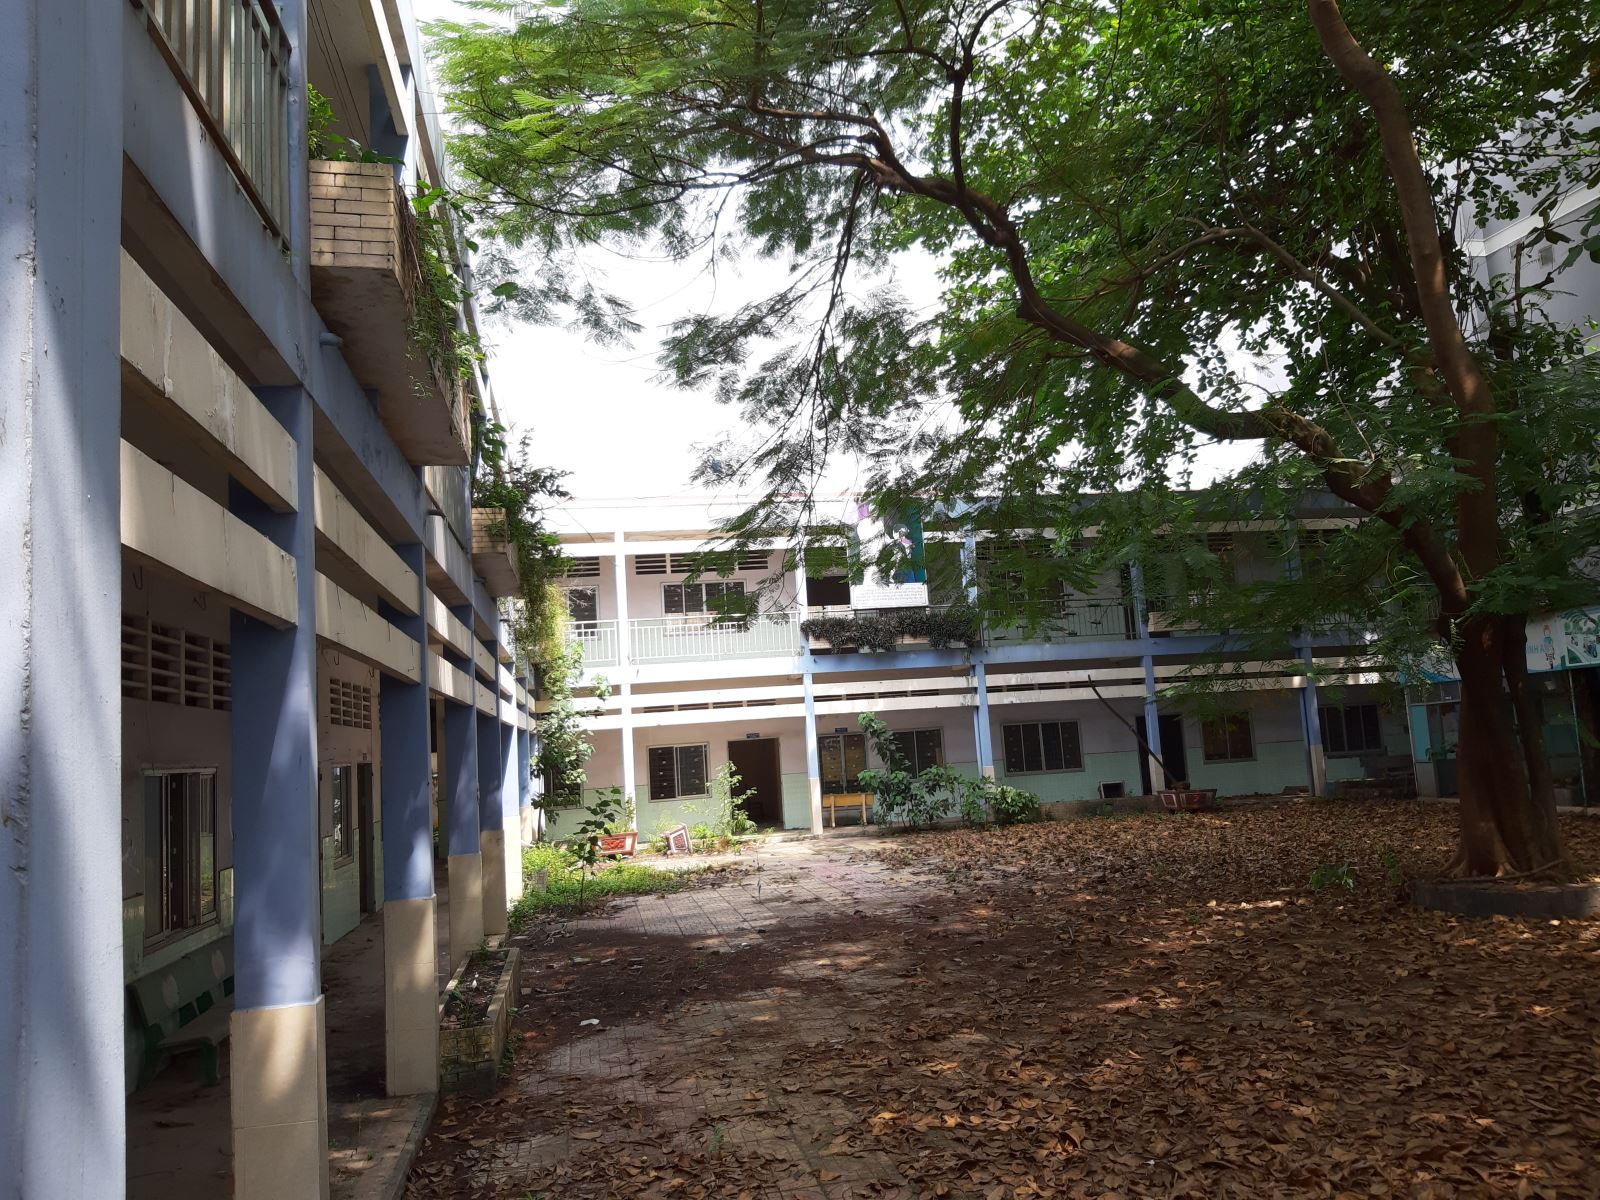 Học sinh phải đi học nhờ, trường thì bỏ hoang gần 3 năm Ảnh 2